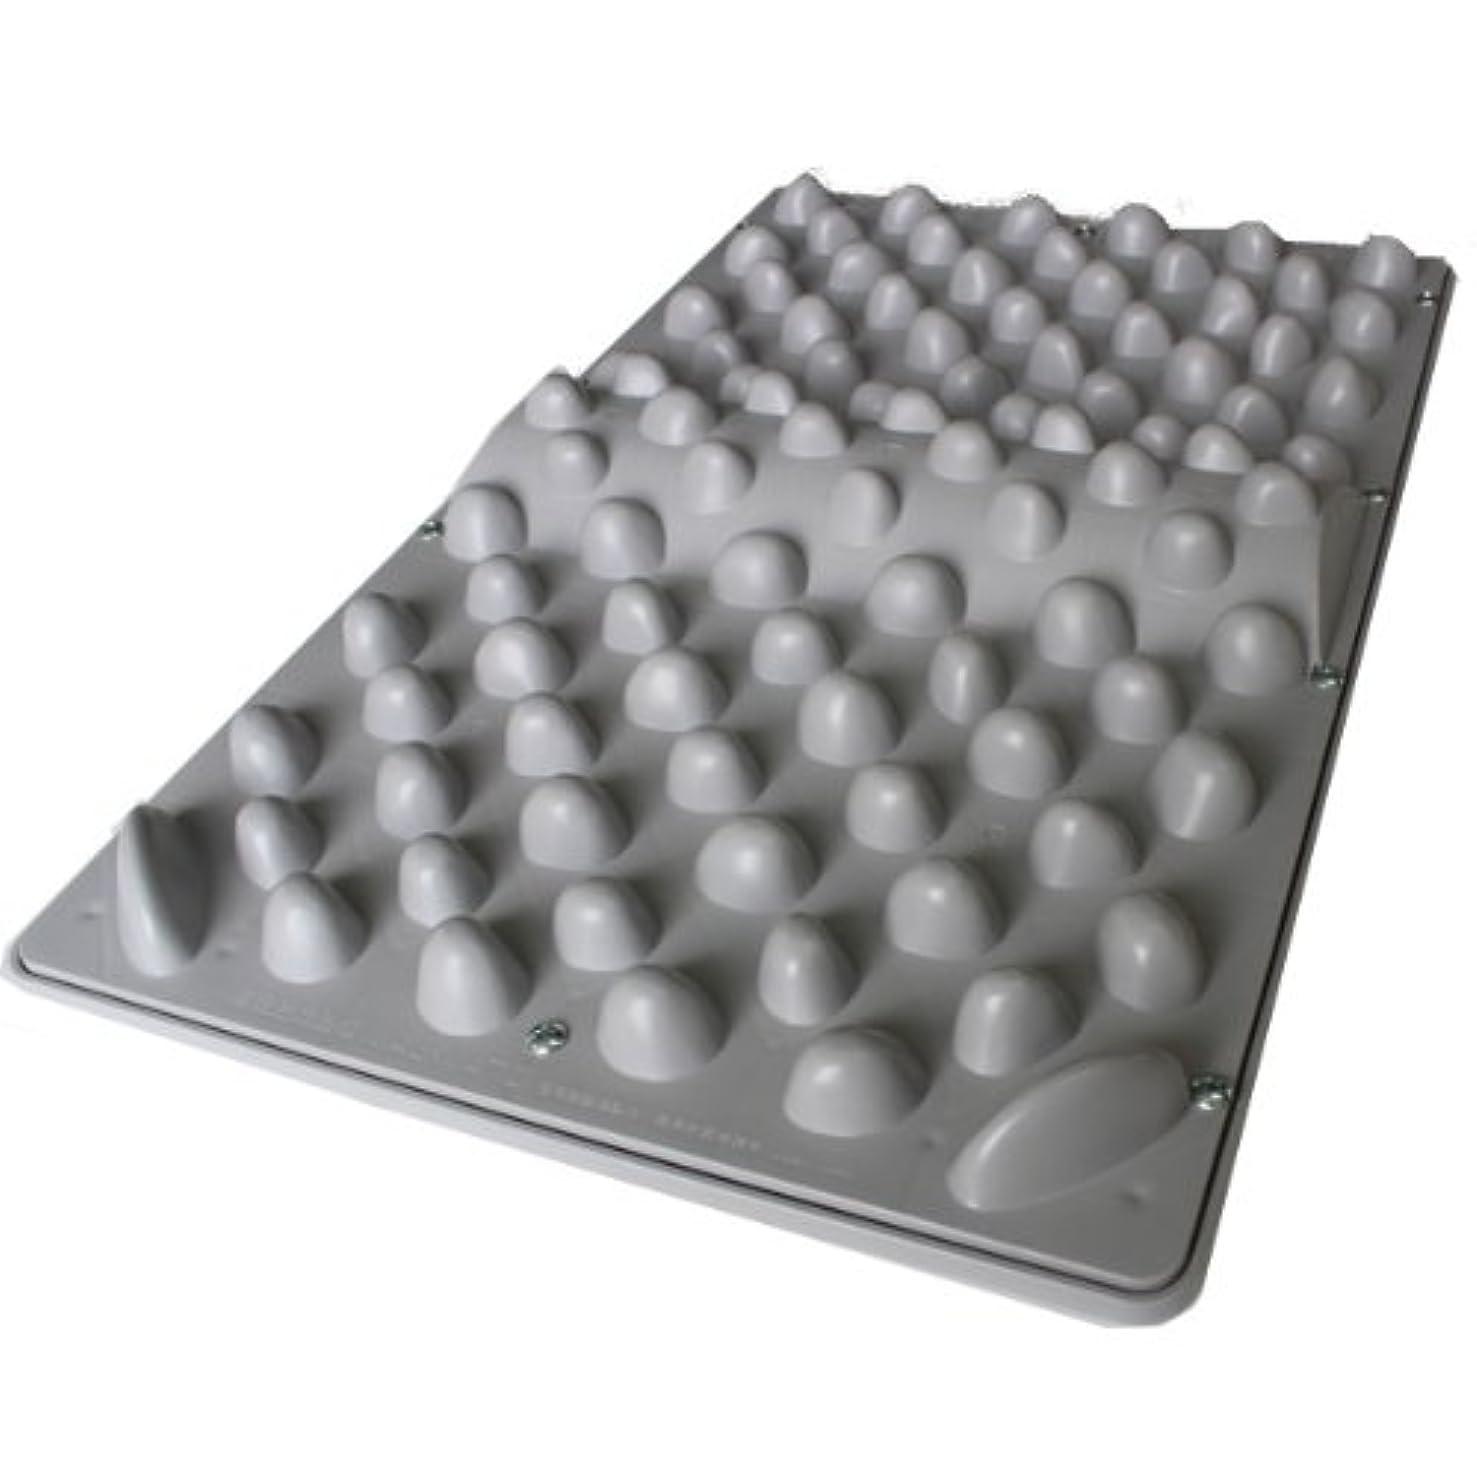 圧倒的香り神話官足法 ウォークマットⅡ 裏板セット(ABS樹脂製補強板付き)